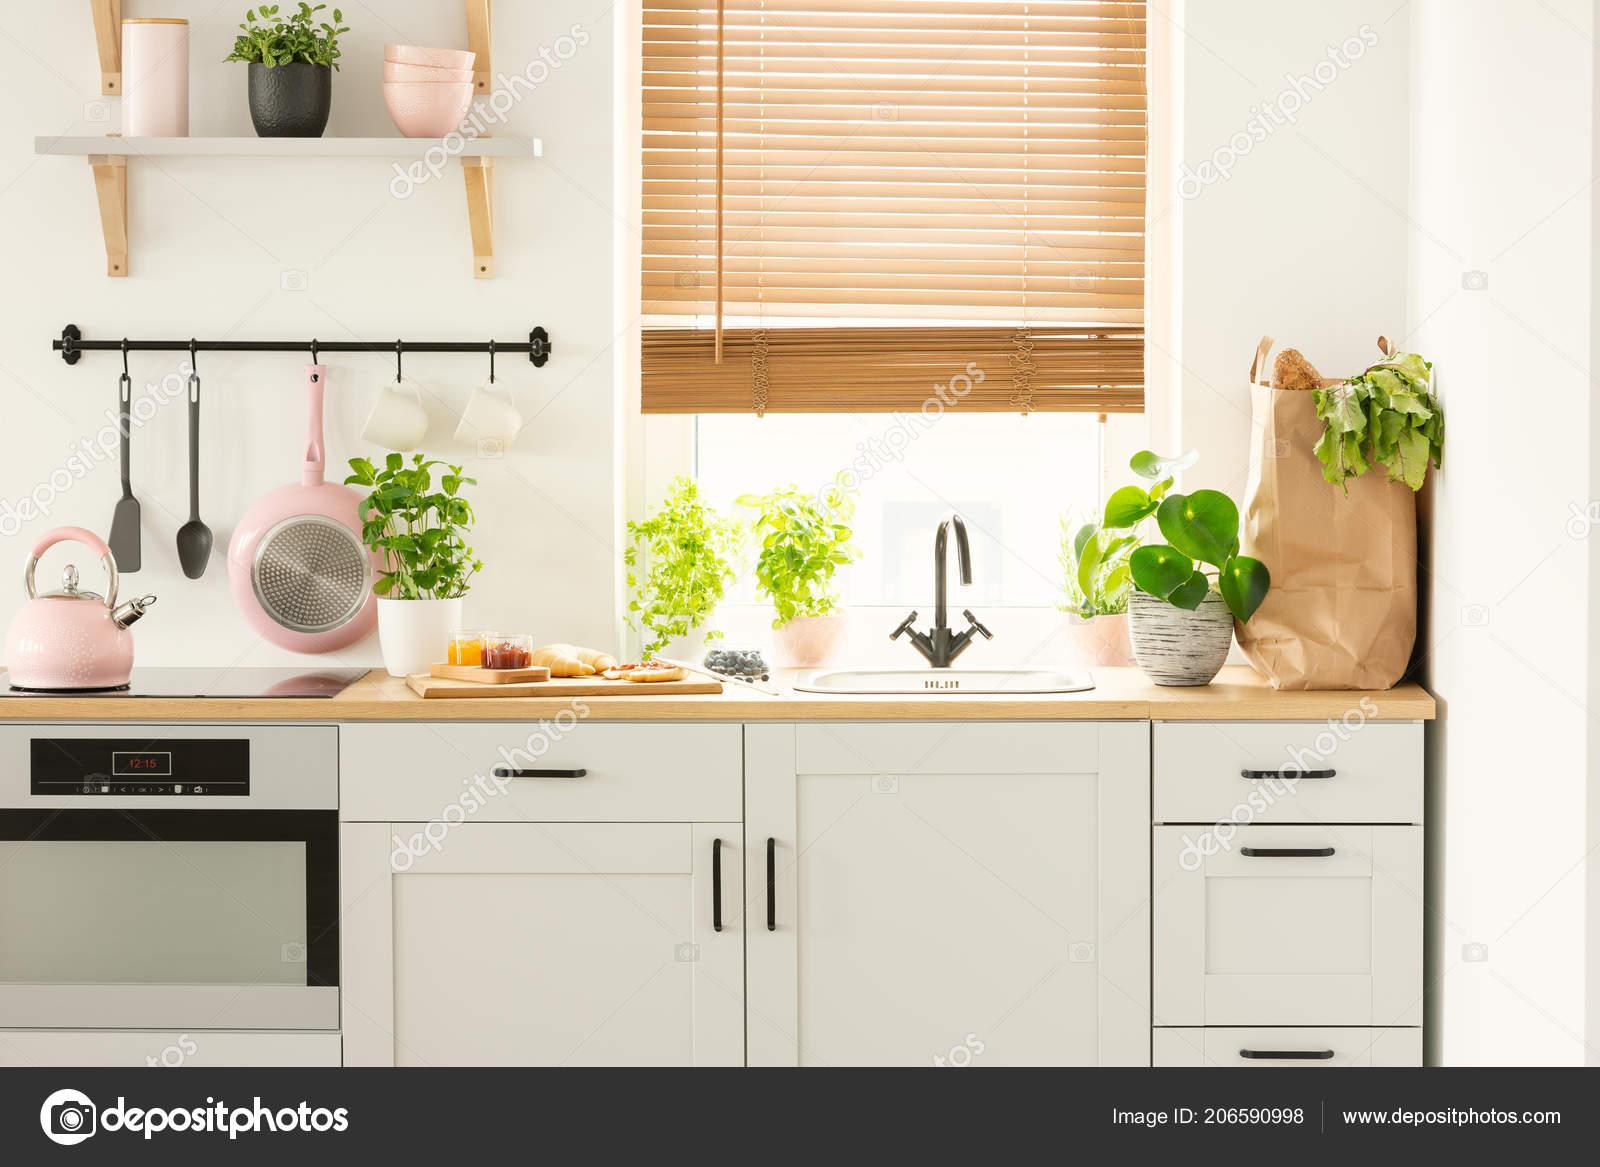 www.kitchen cabinets wire kitchen rack 真实照片的厨房橱柜台面上的植物购物袋窗户与窗帘在厨房内部 图库照片 真实照片的厨房橱柜台面上的植物购物袋窗户与窗帘在厨房